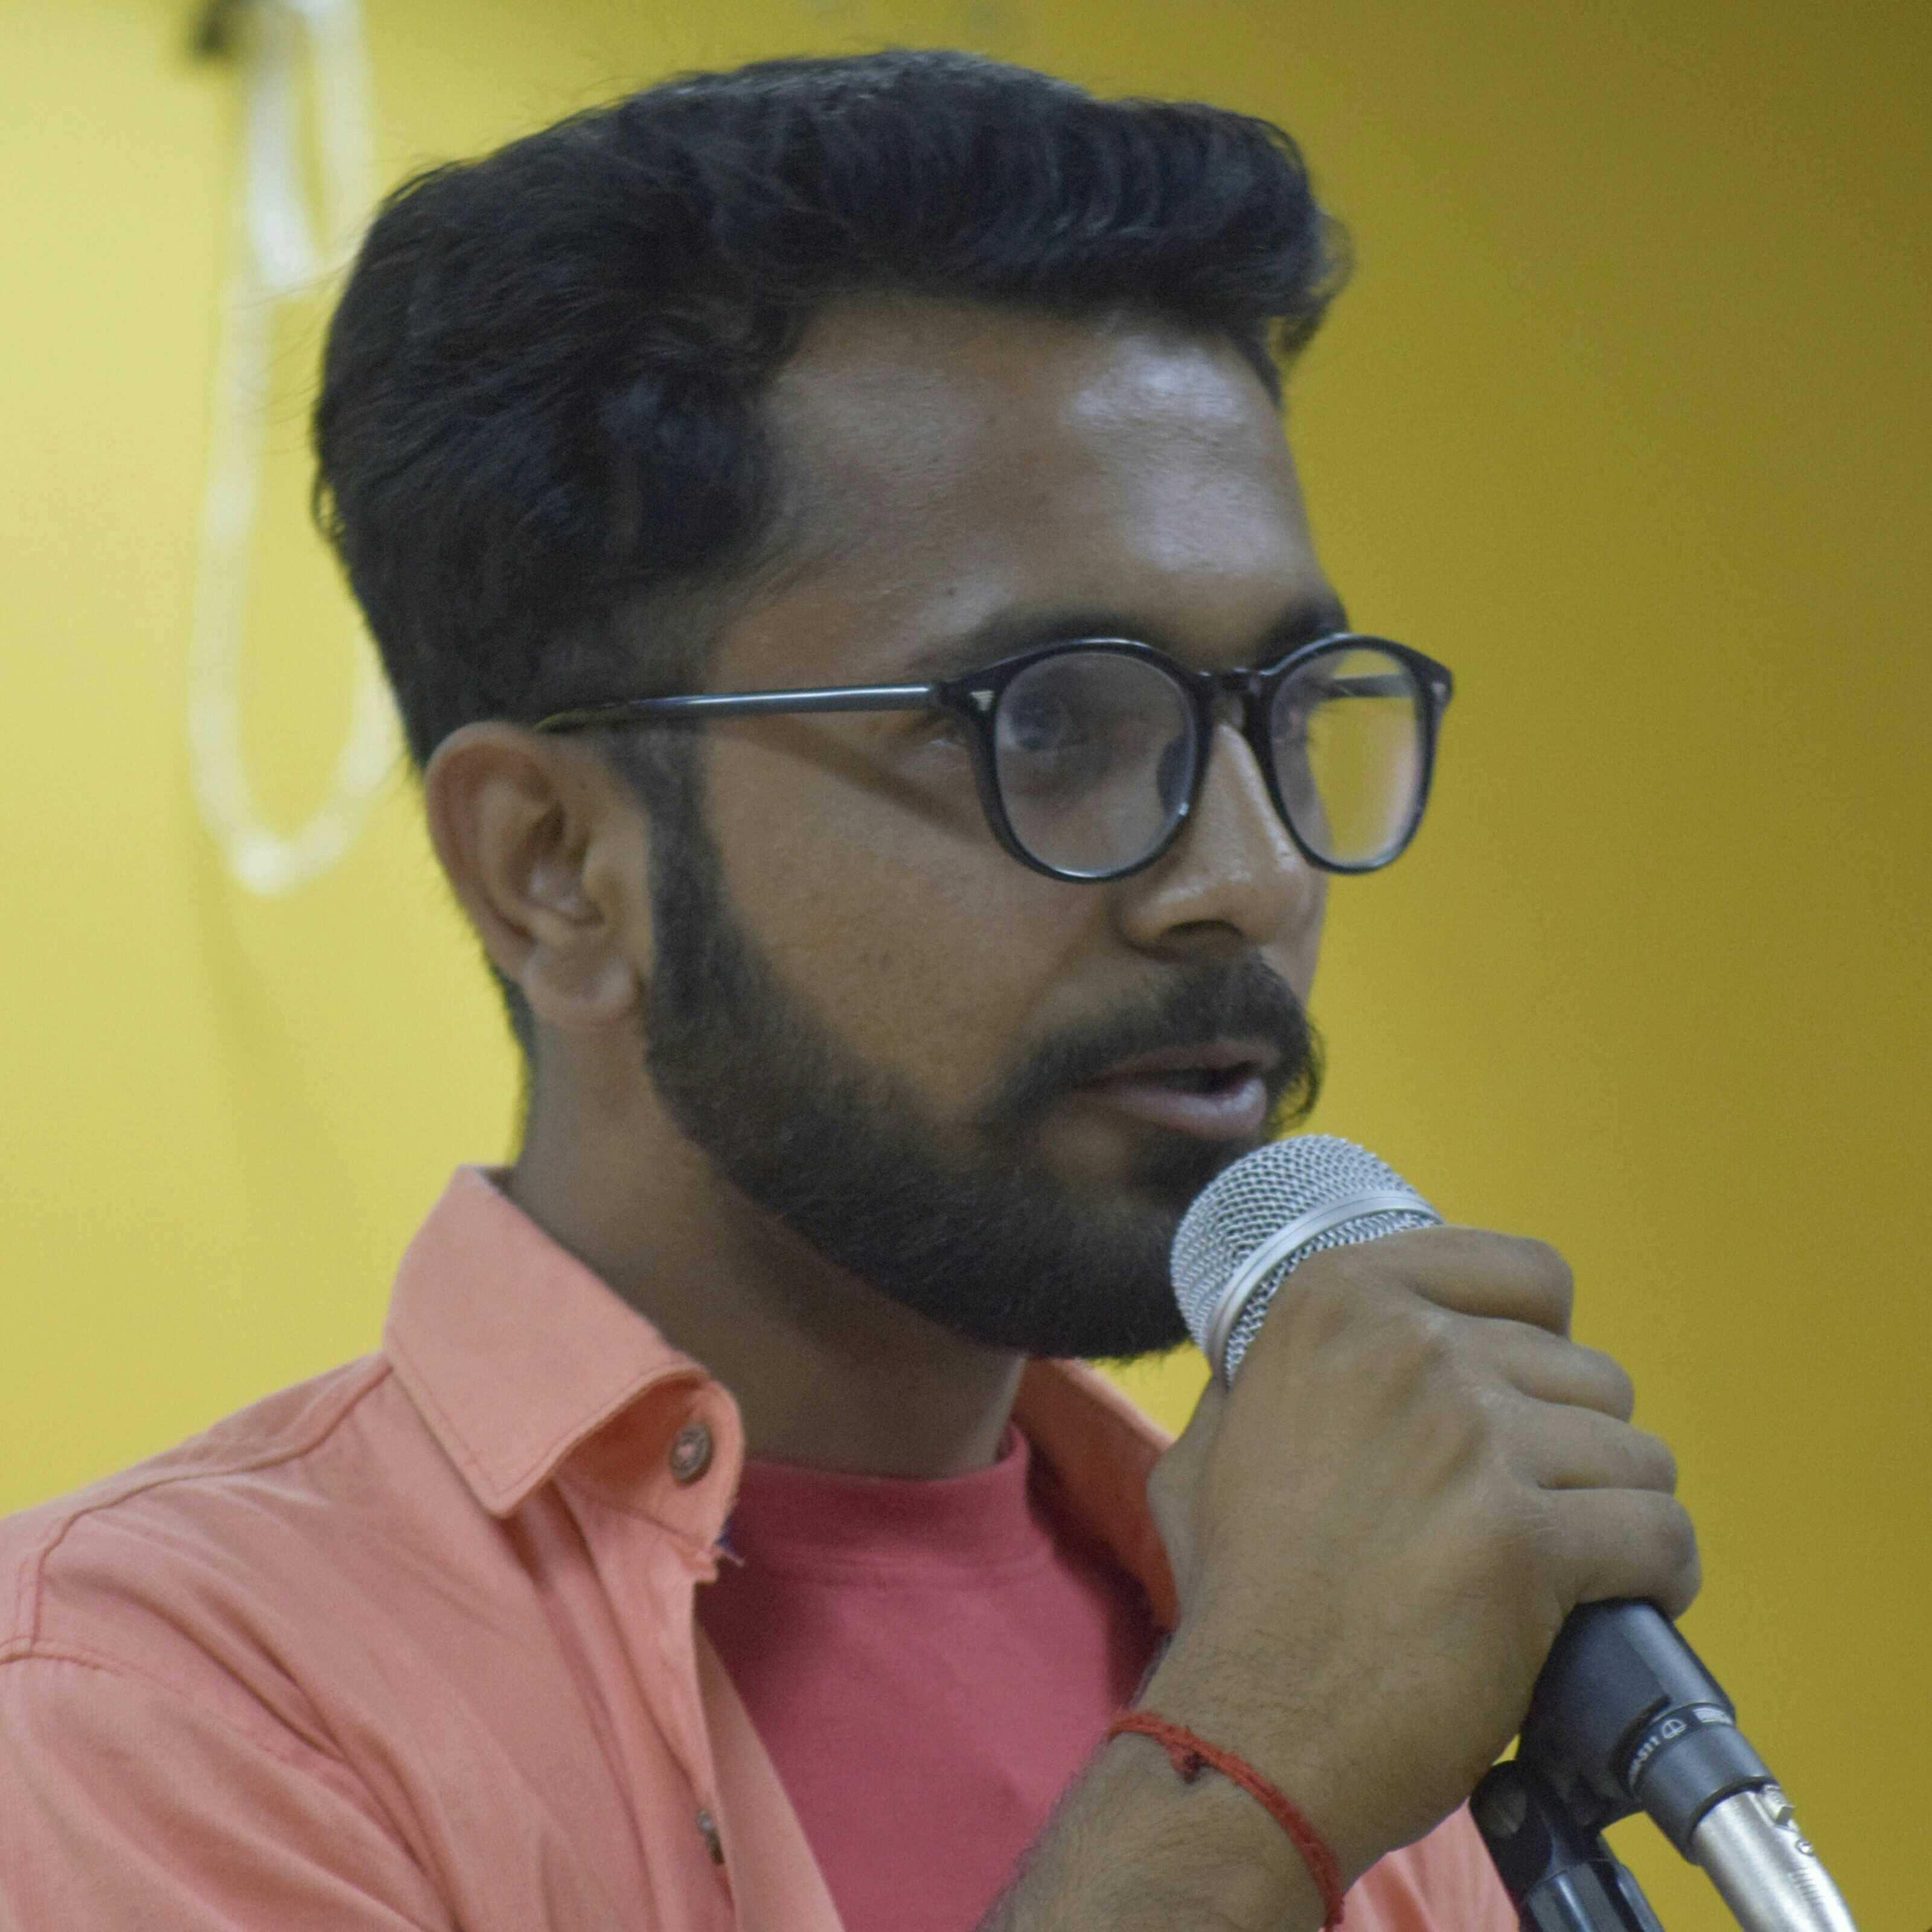 Aditya Sharma मैं कोई कलमकार नही   बस दिल की आवाज को   लफ्जो में उतारने का हुनर रखता हूं